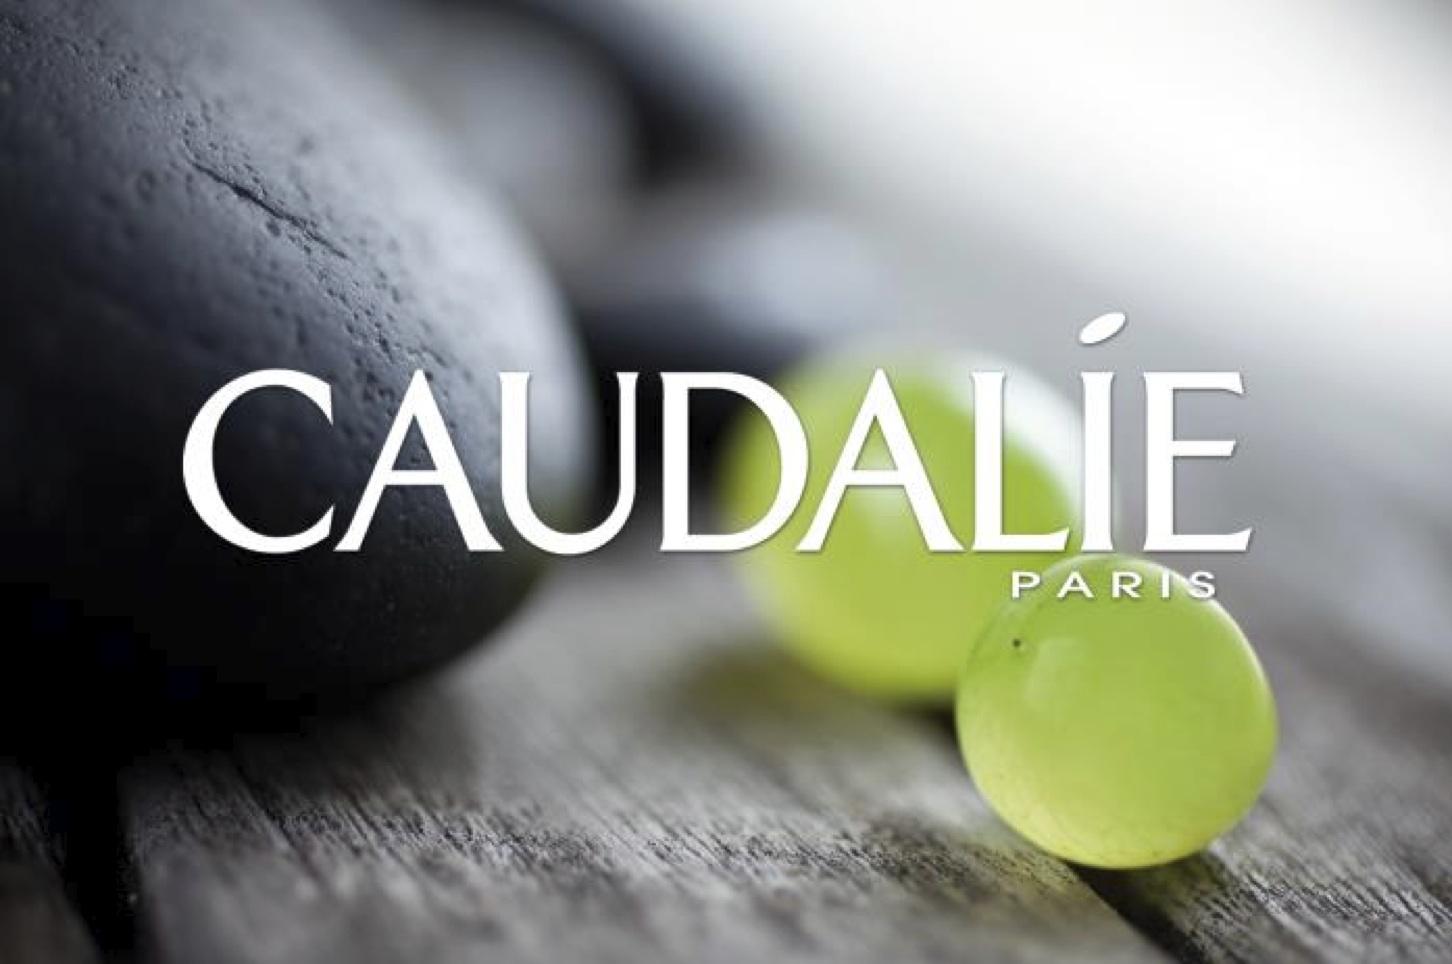 Els dies 6 7 i 8 de desembre tindrem una animació i presentació dels productes de Caudalie a la Gran Farmàcia Andorra, oferirem descomptes especials i regalets de mostres i productes Caudalie. Amb una representant professional de la marca Caudalie.